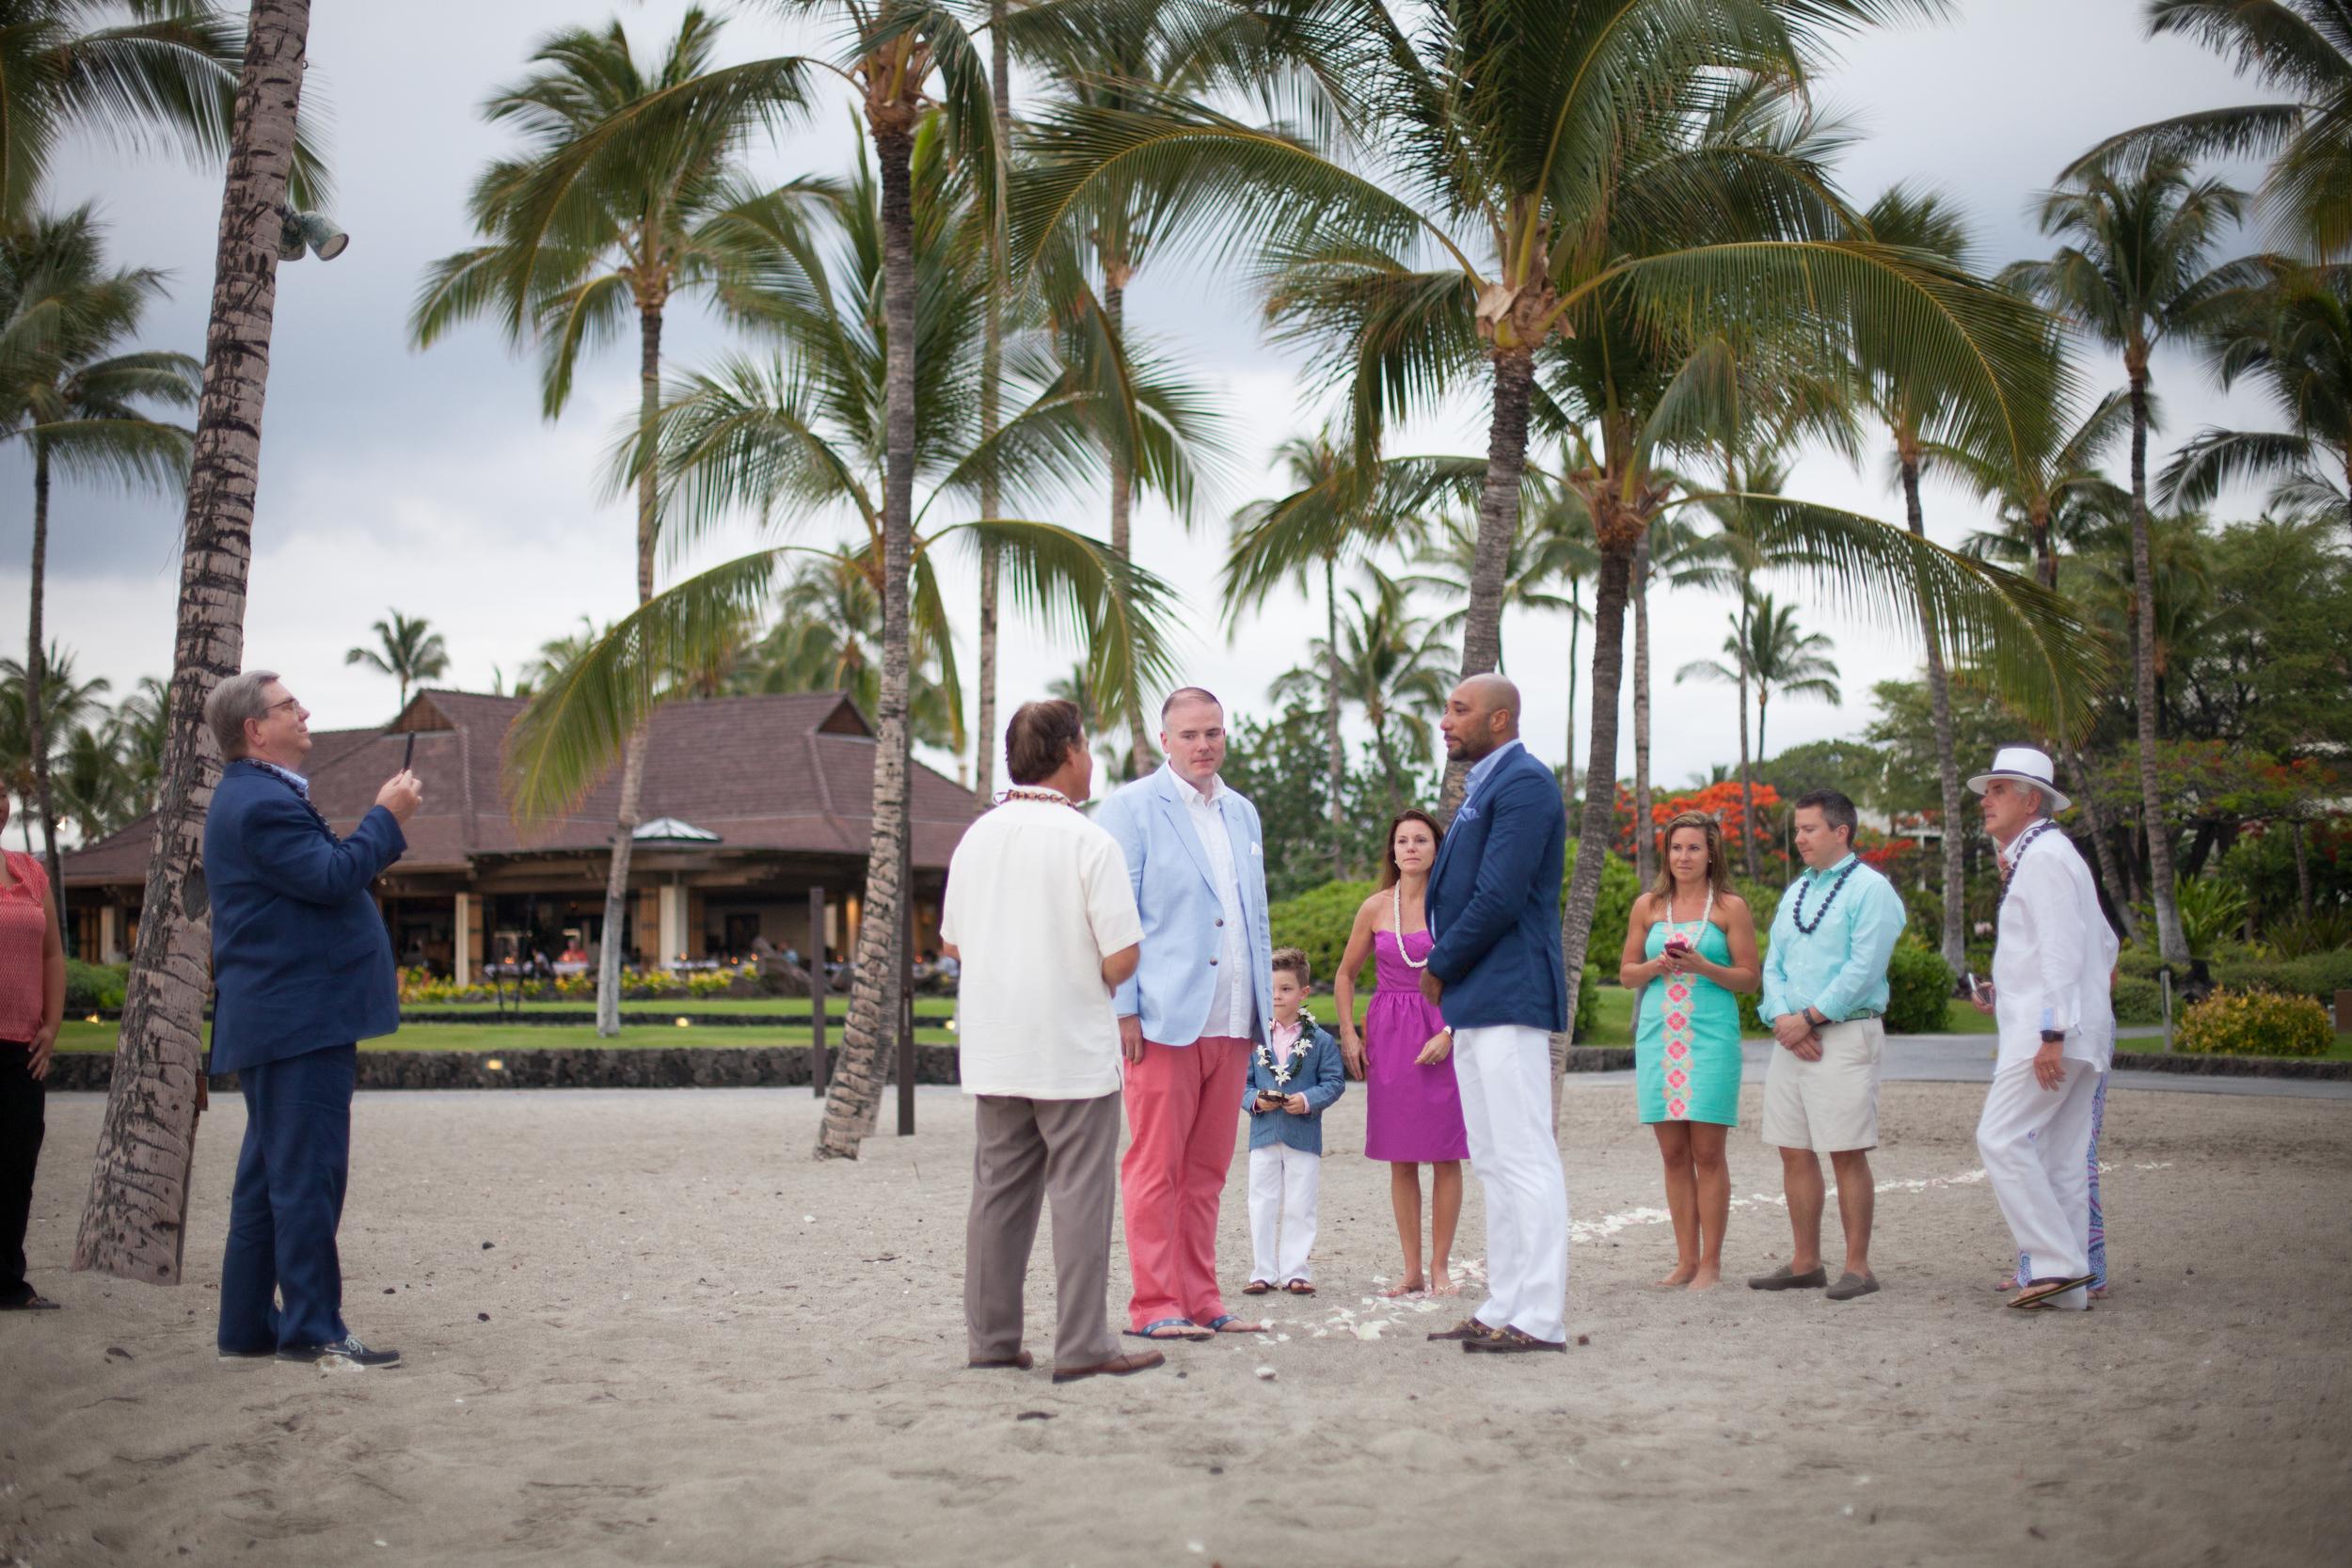 big island hawaii rmauna lani beach wedding © kelilina photography 20160601182029-3.jpg